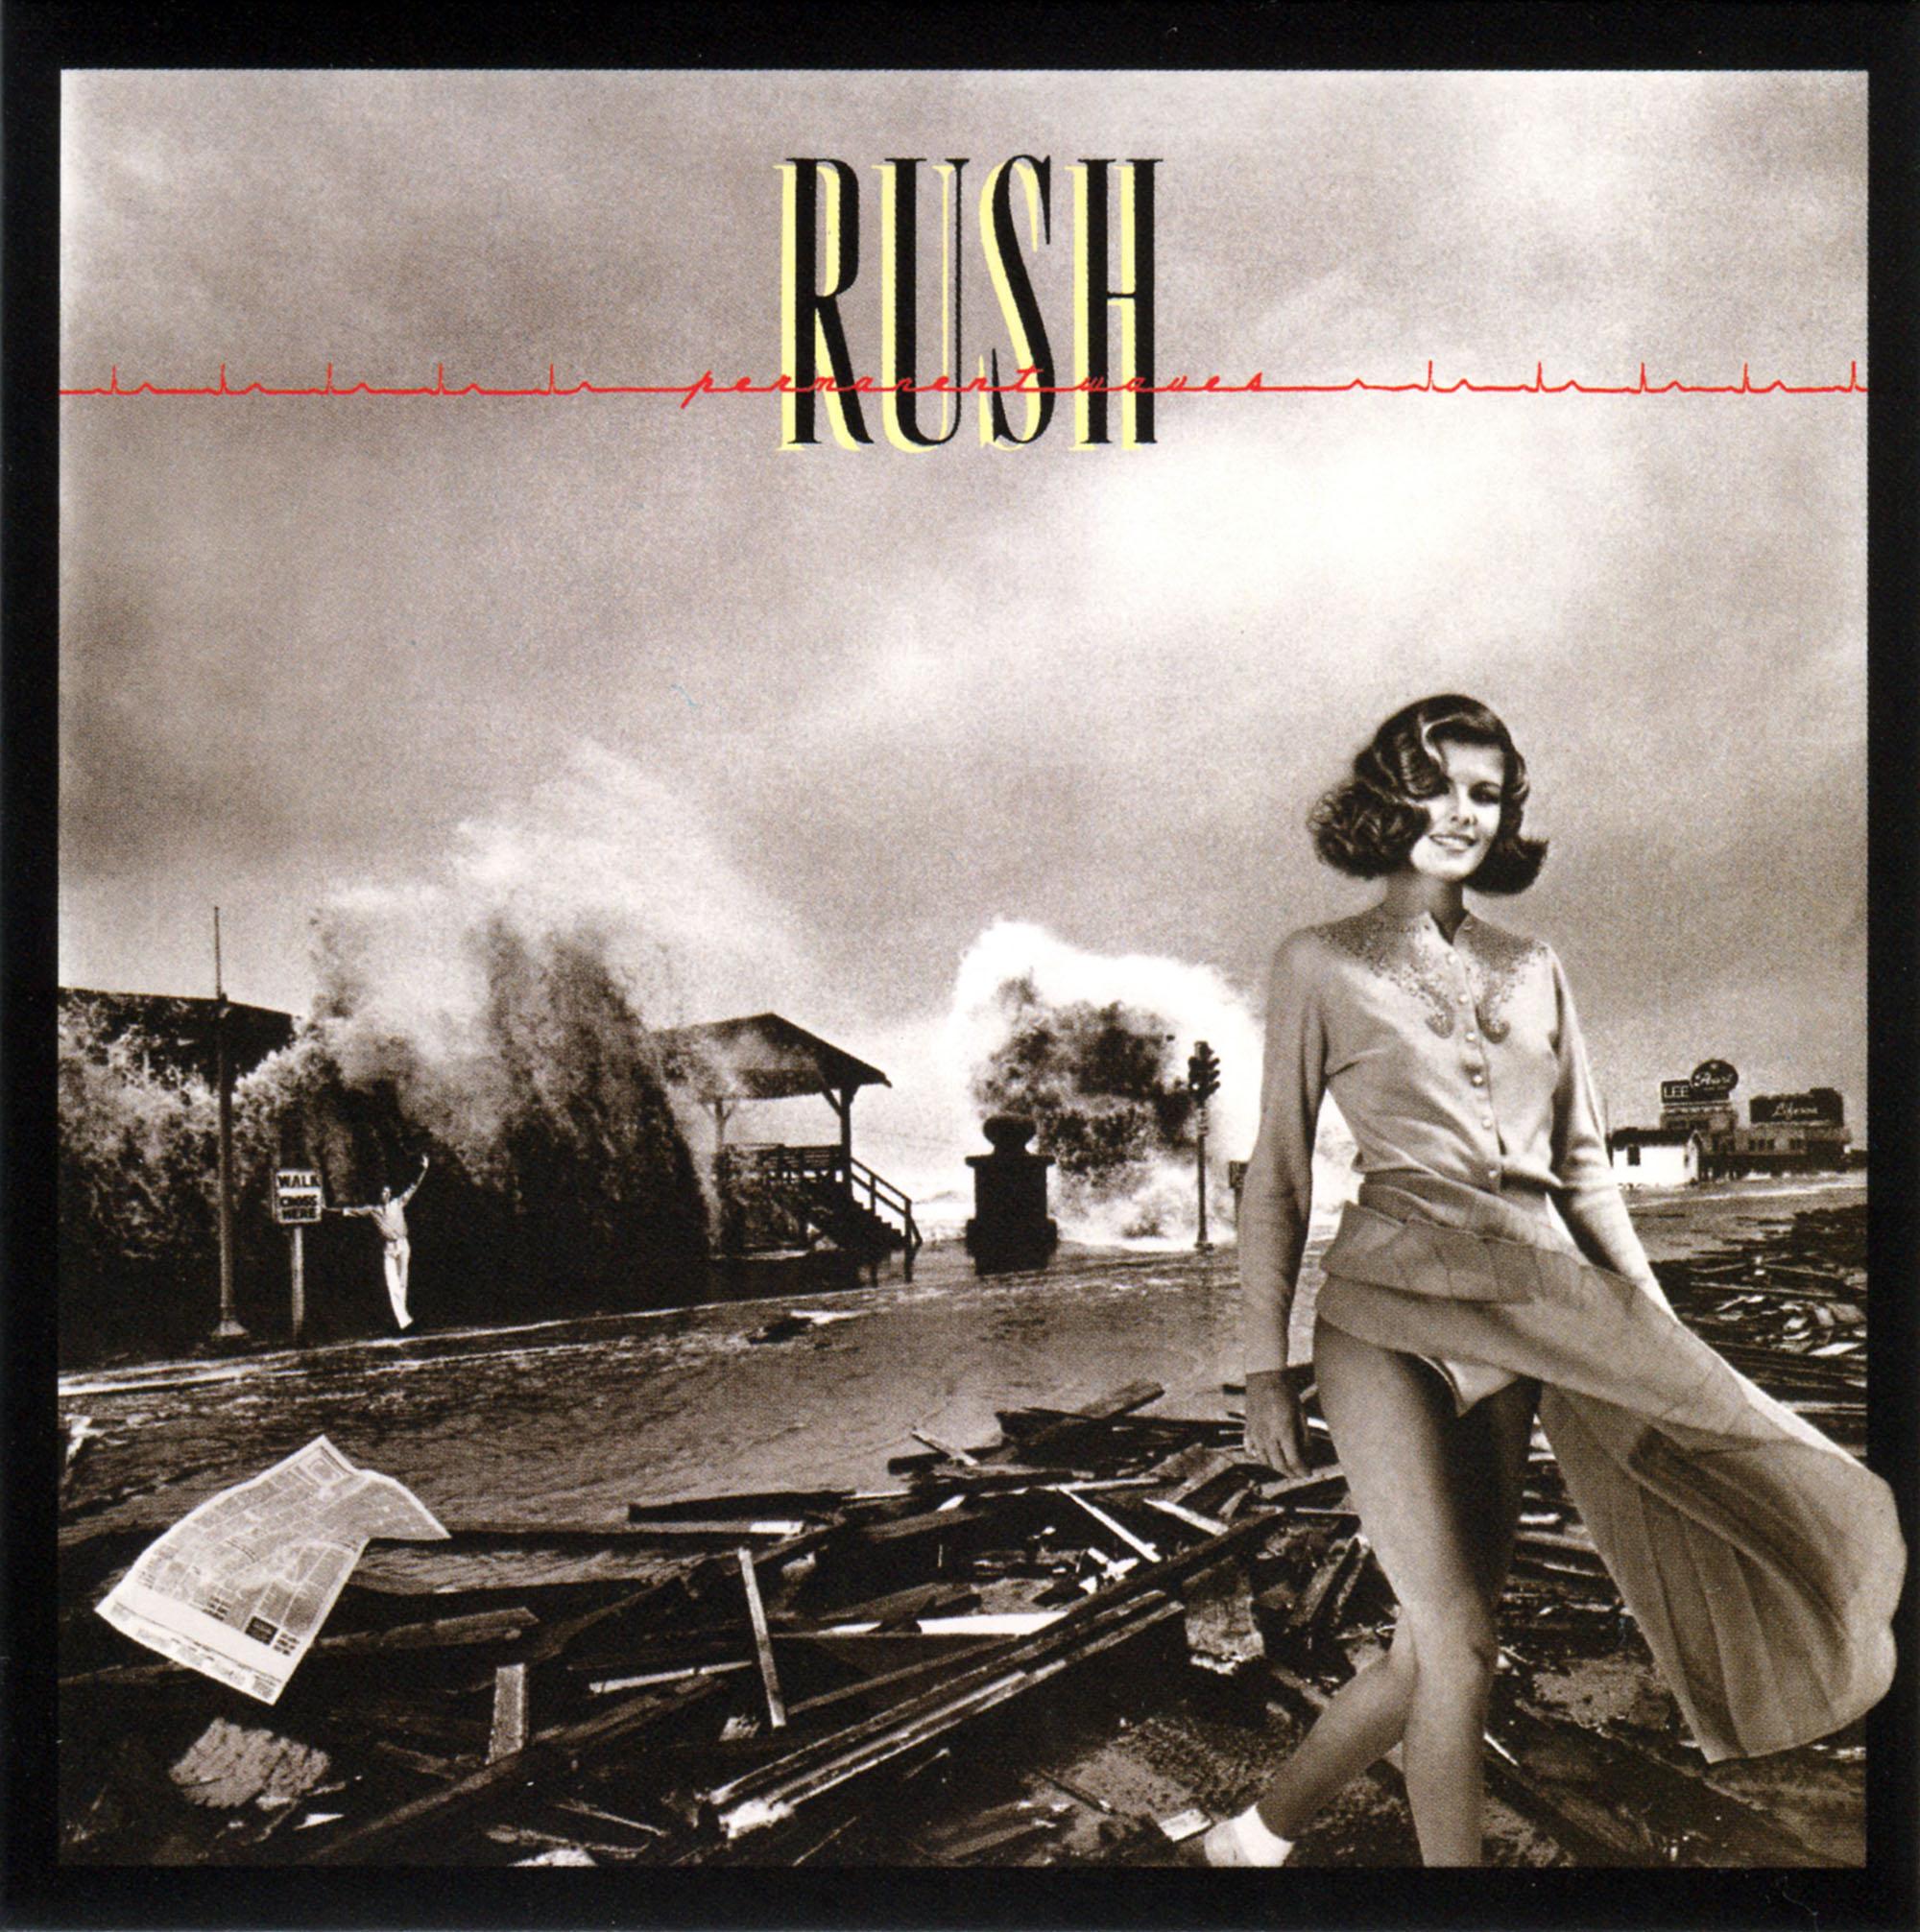 Rush sector 2 album artwork - Rush album covers ...